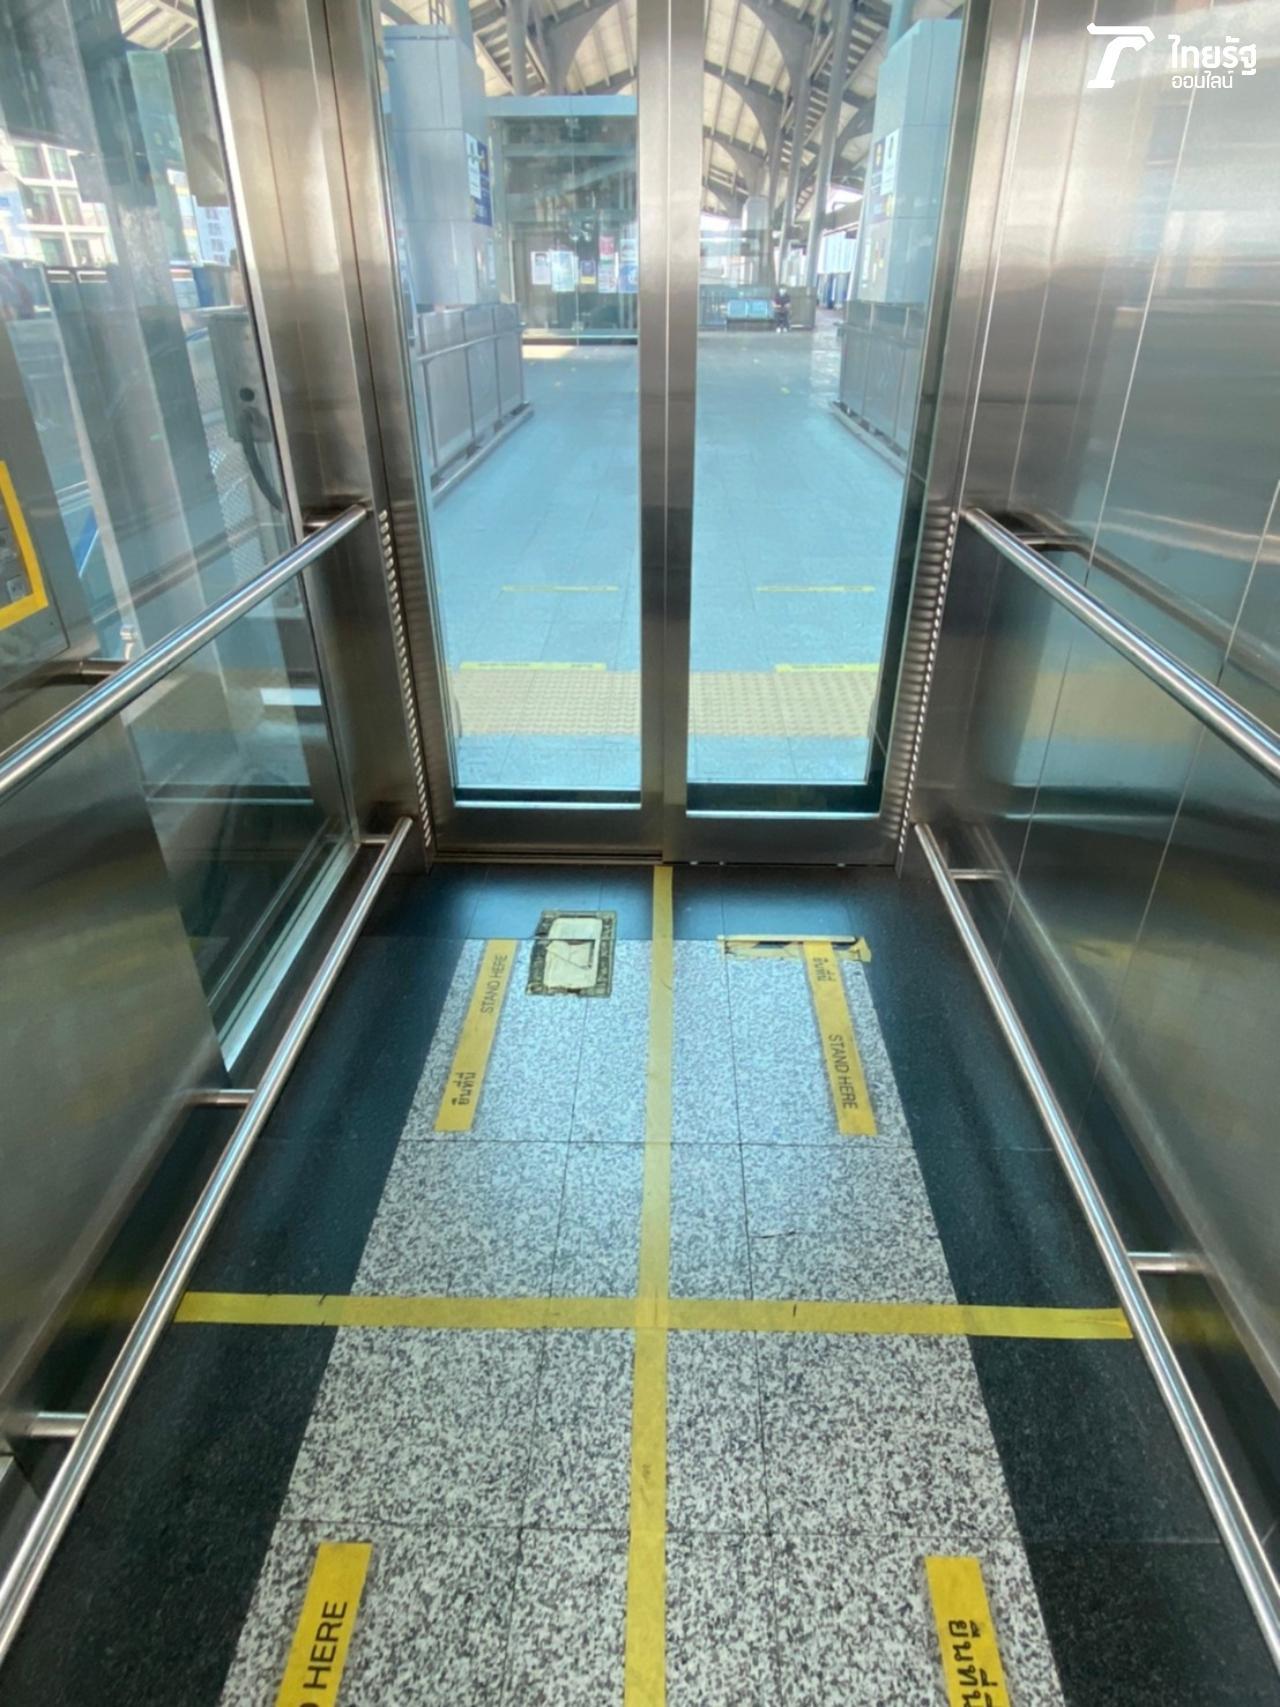 ลิฟต์โดยสารกำหนดจำนวนคน